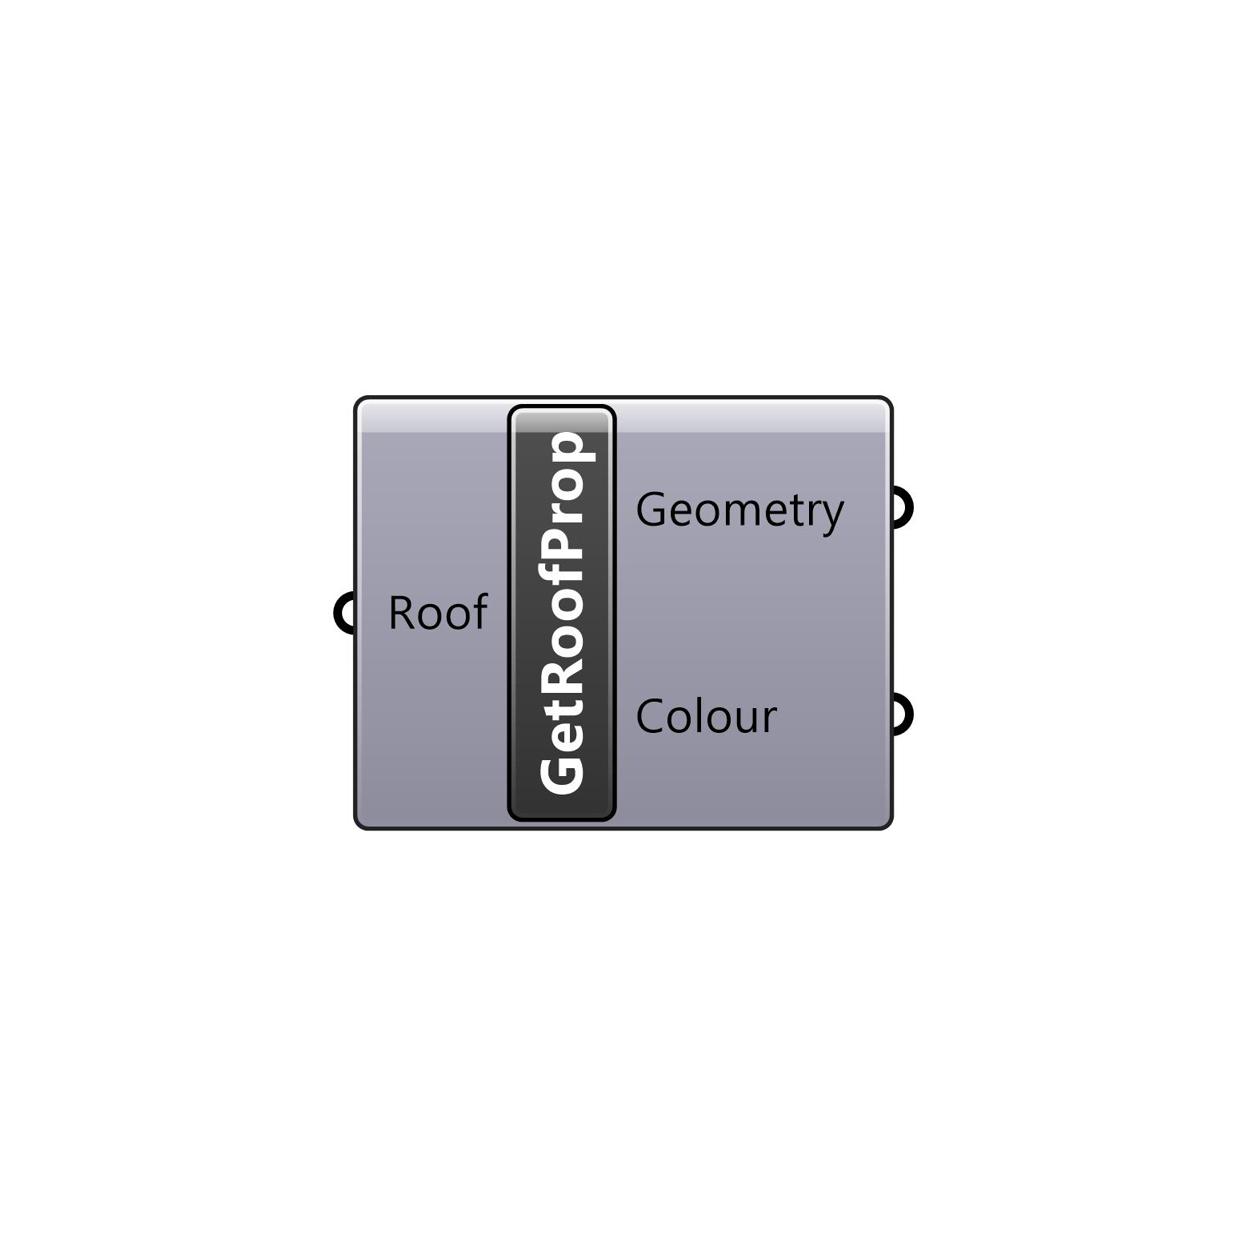 Get Roof Properties component